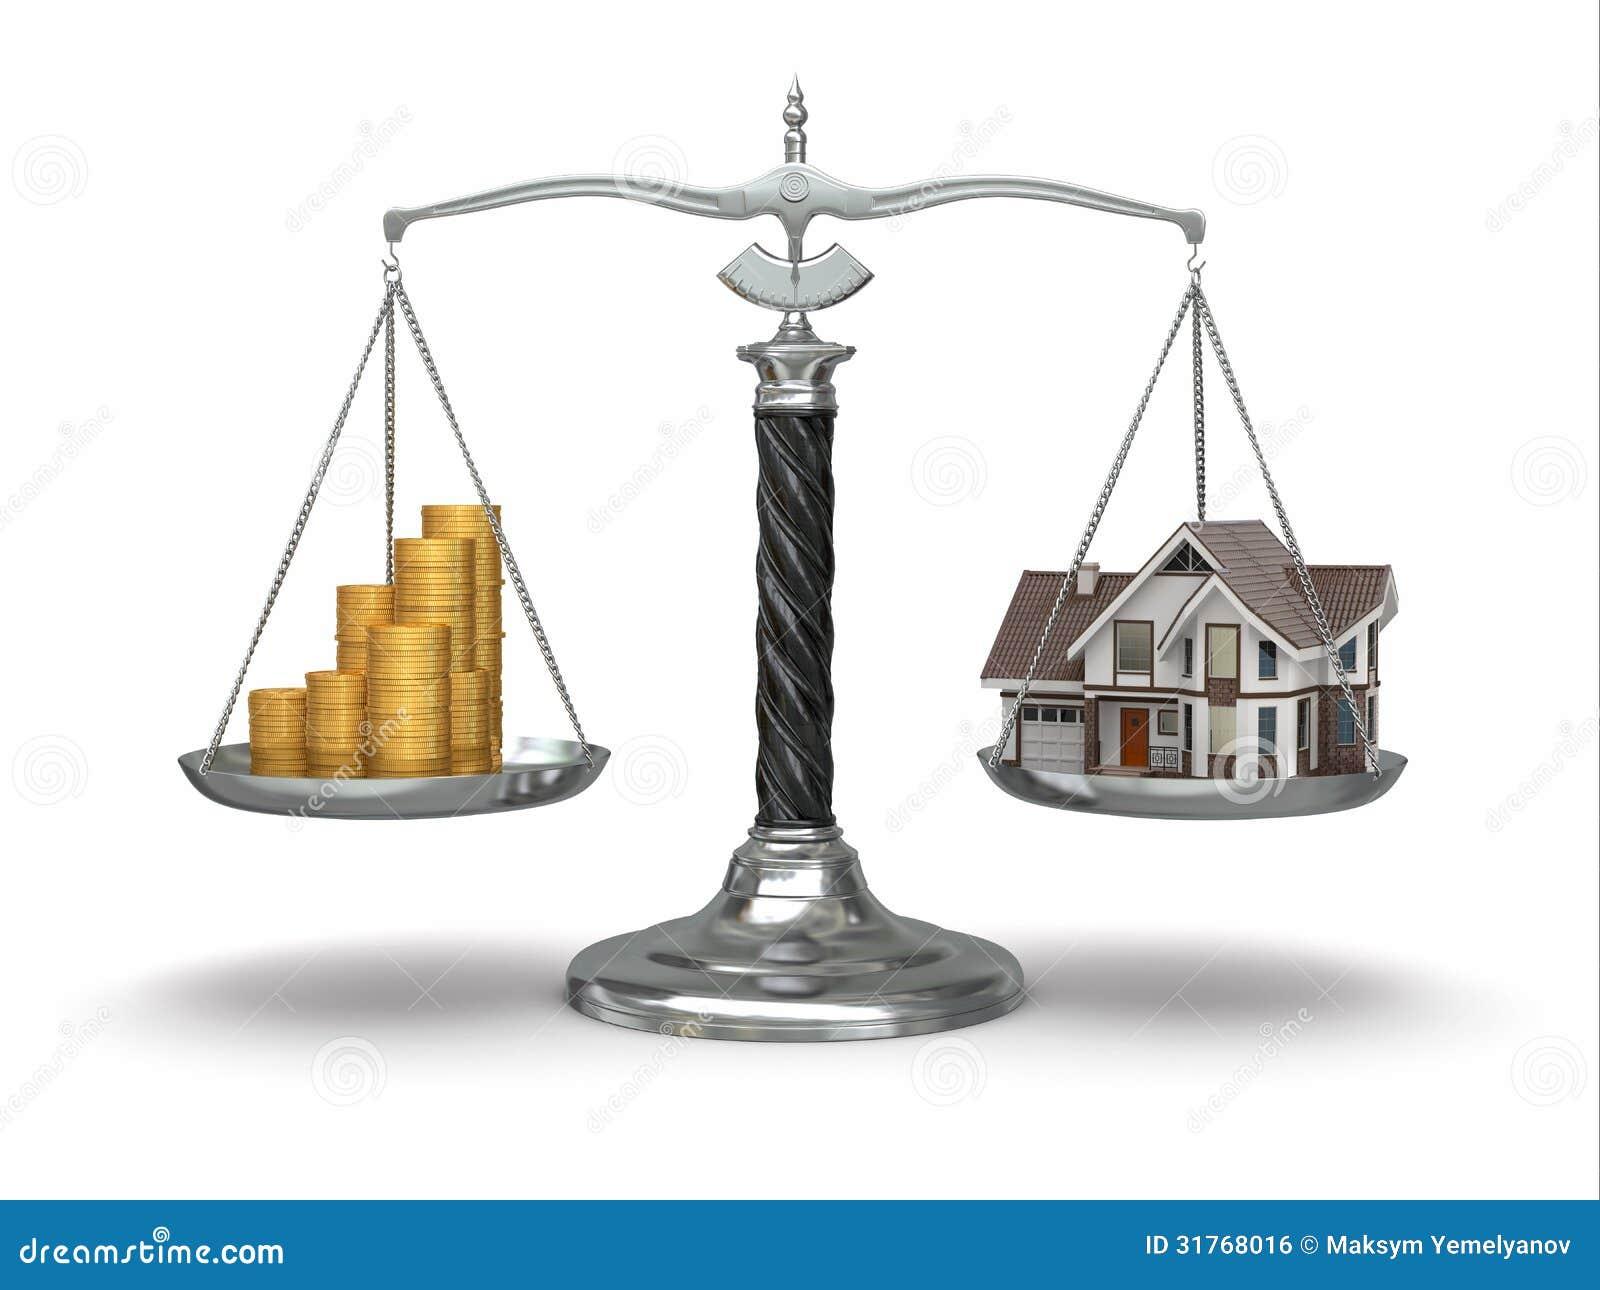 real estate money.com